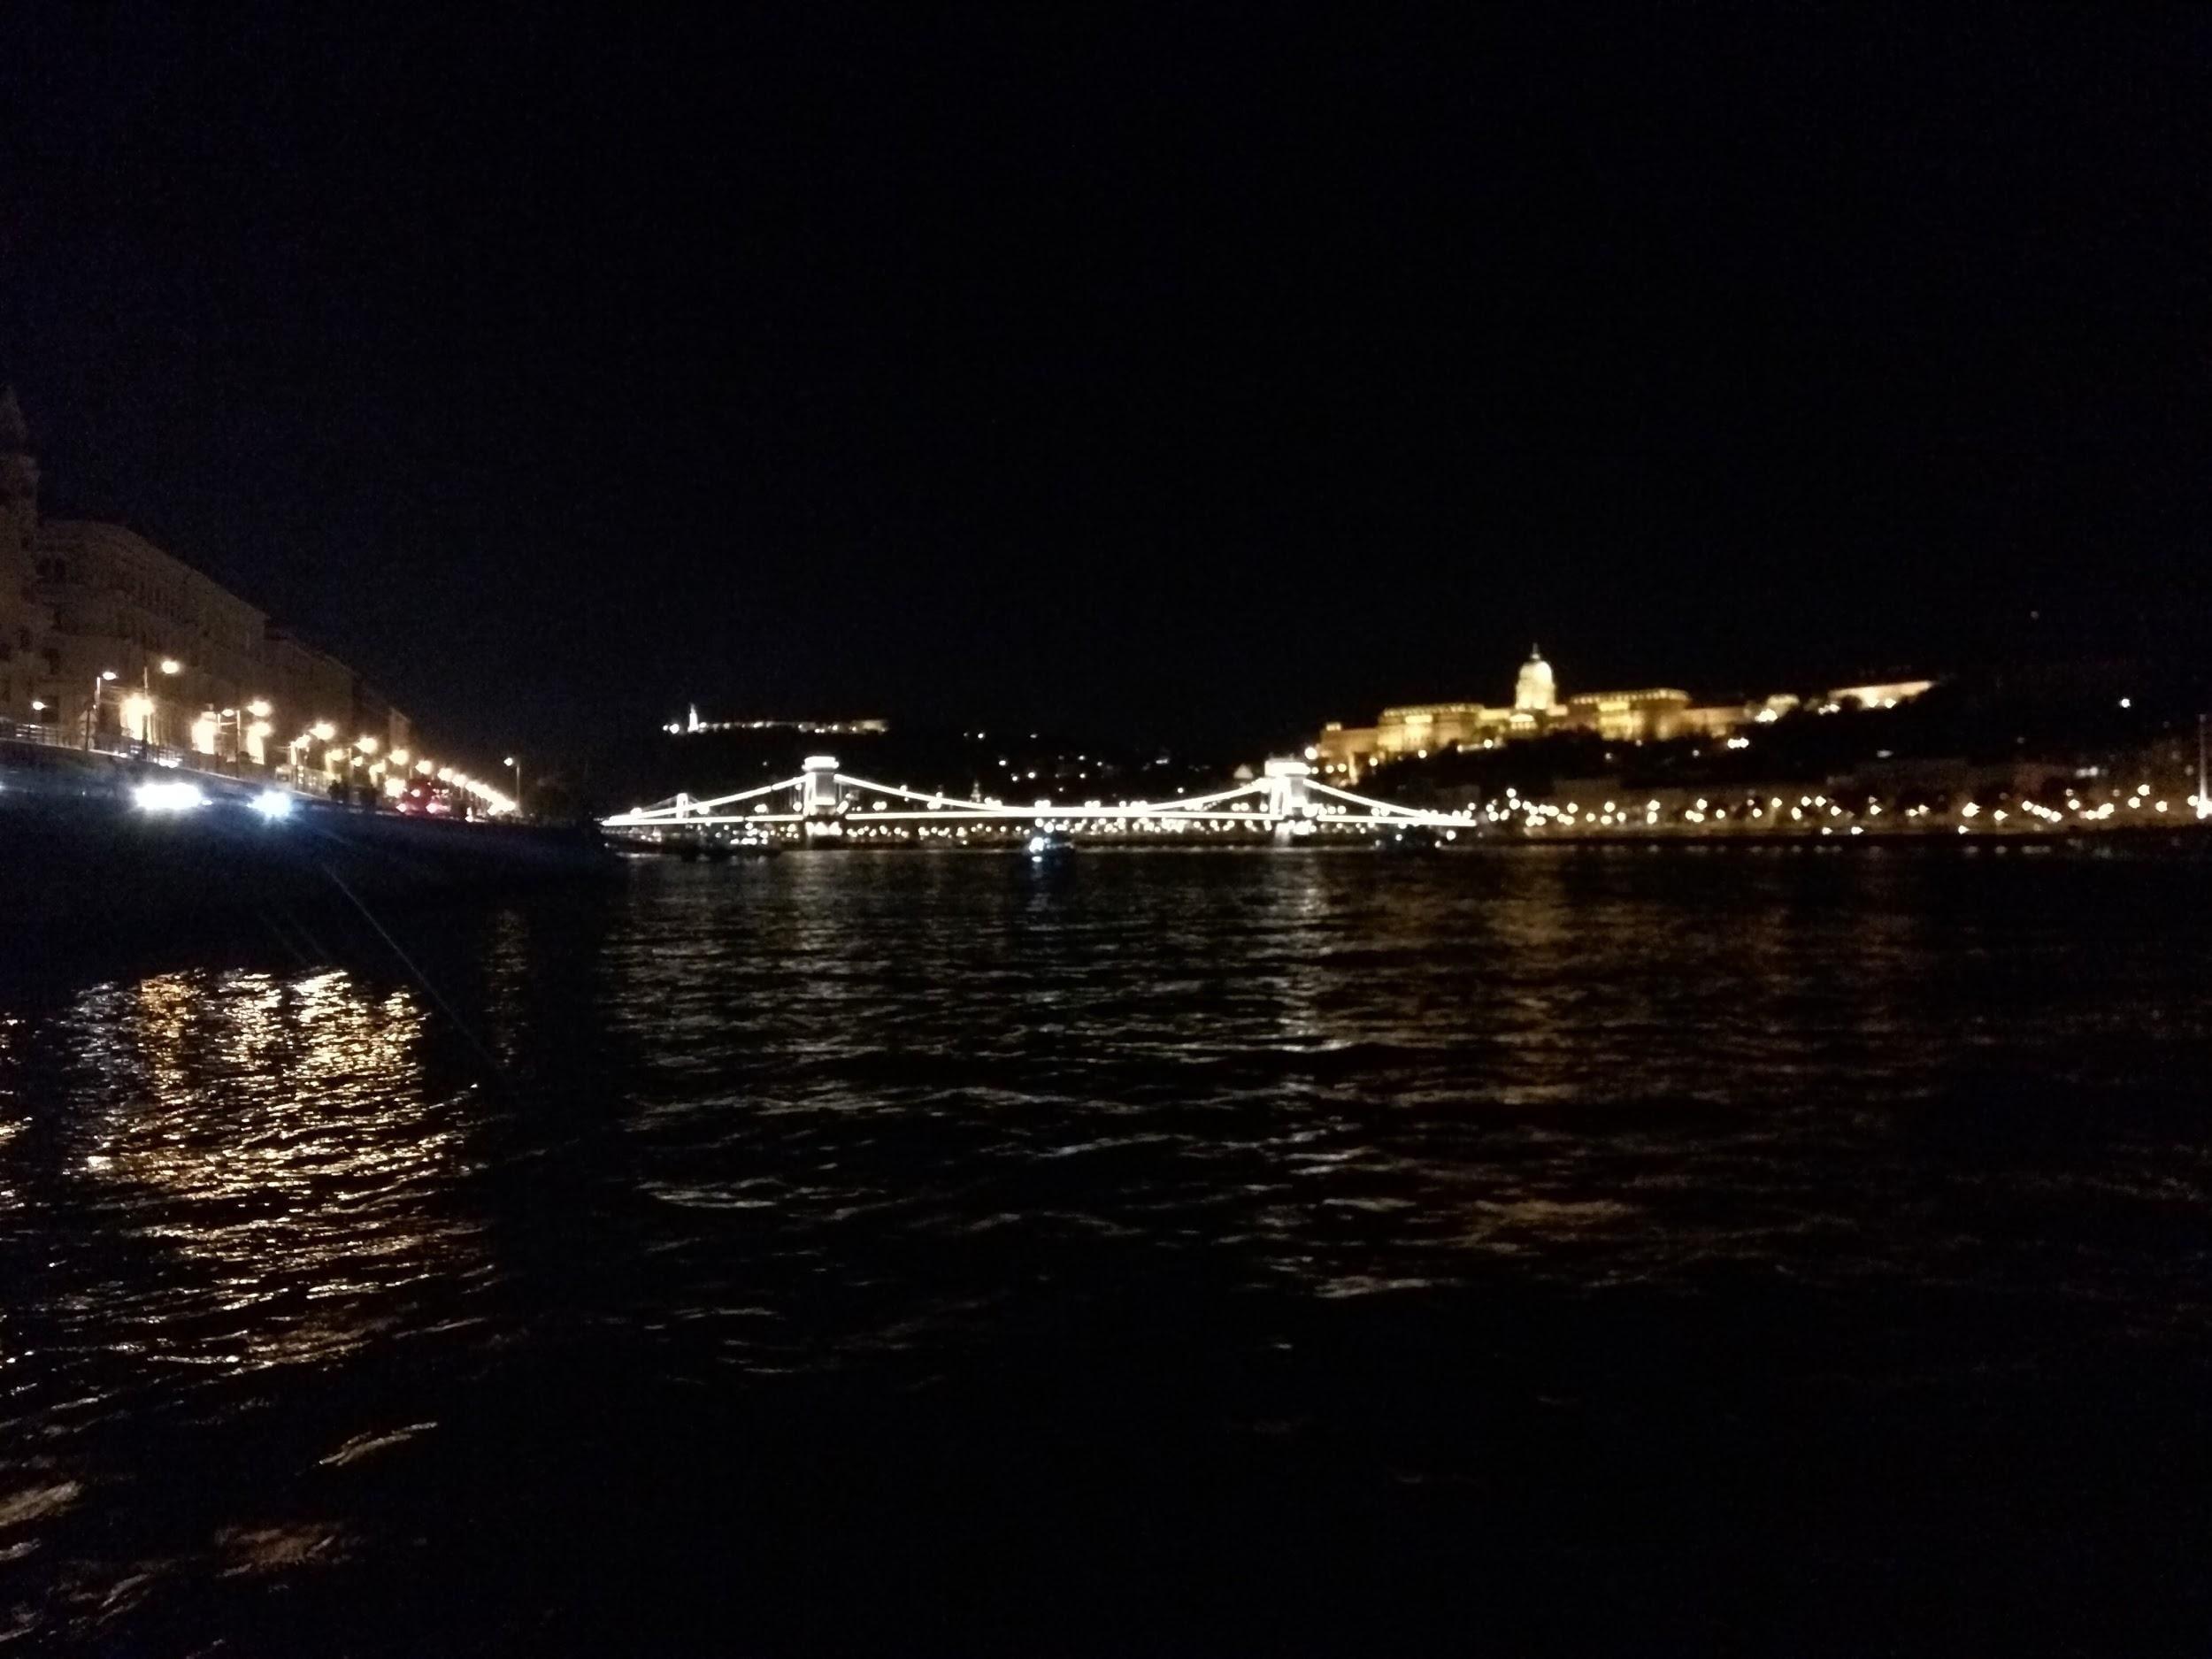 Night scene of river in Budapest